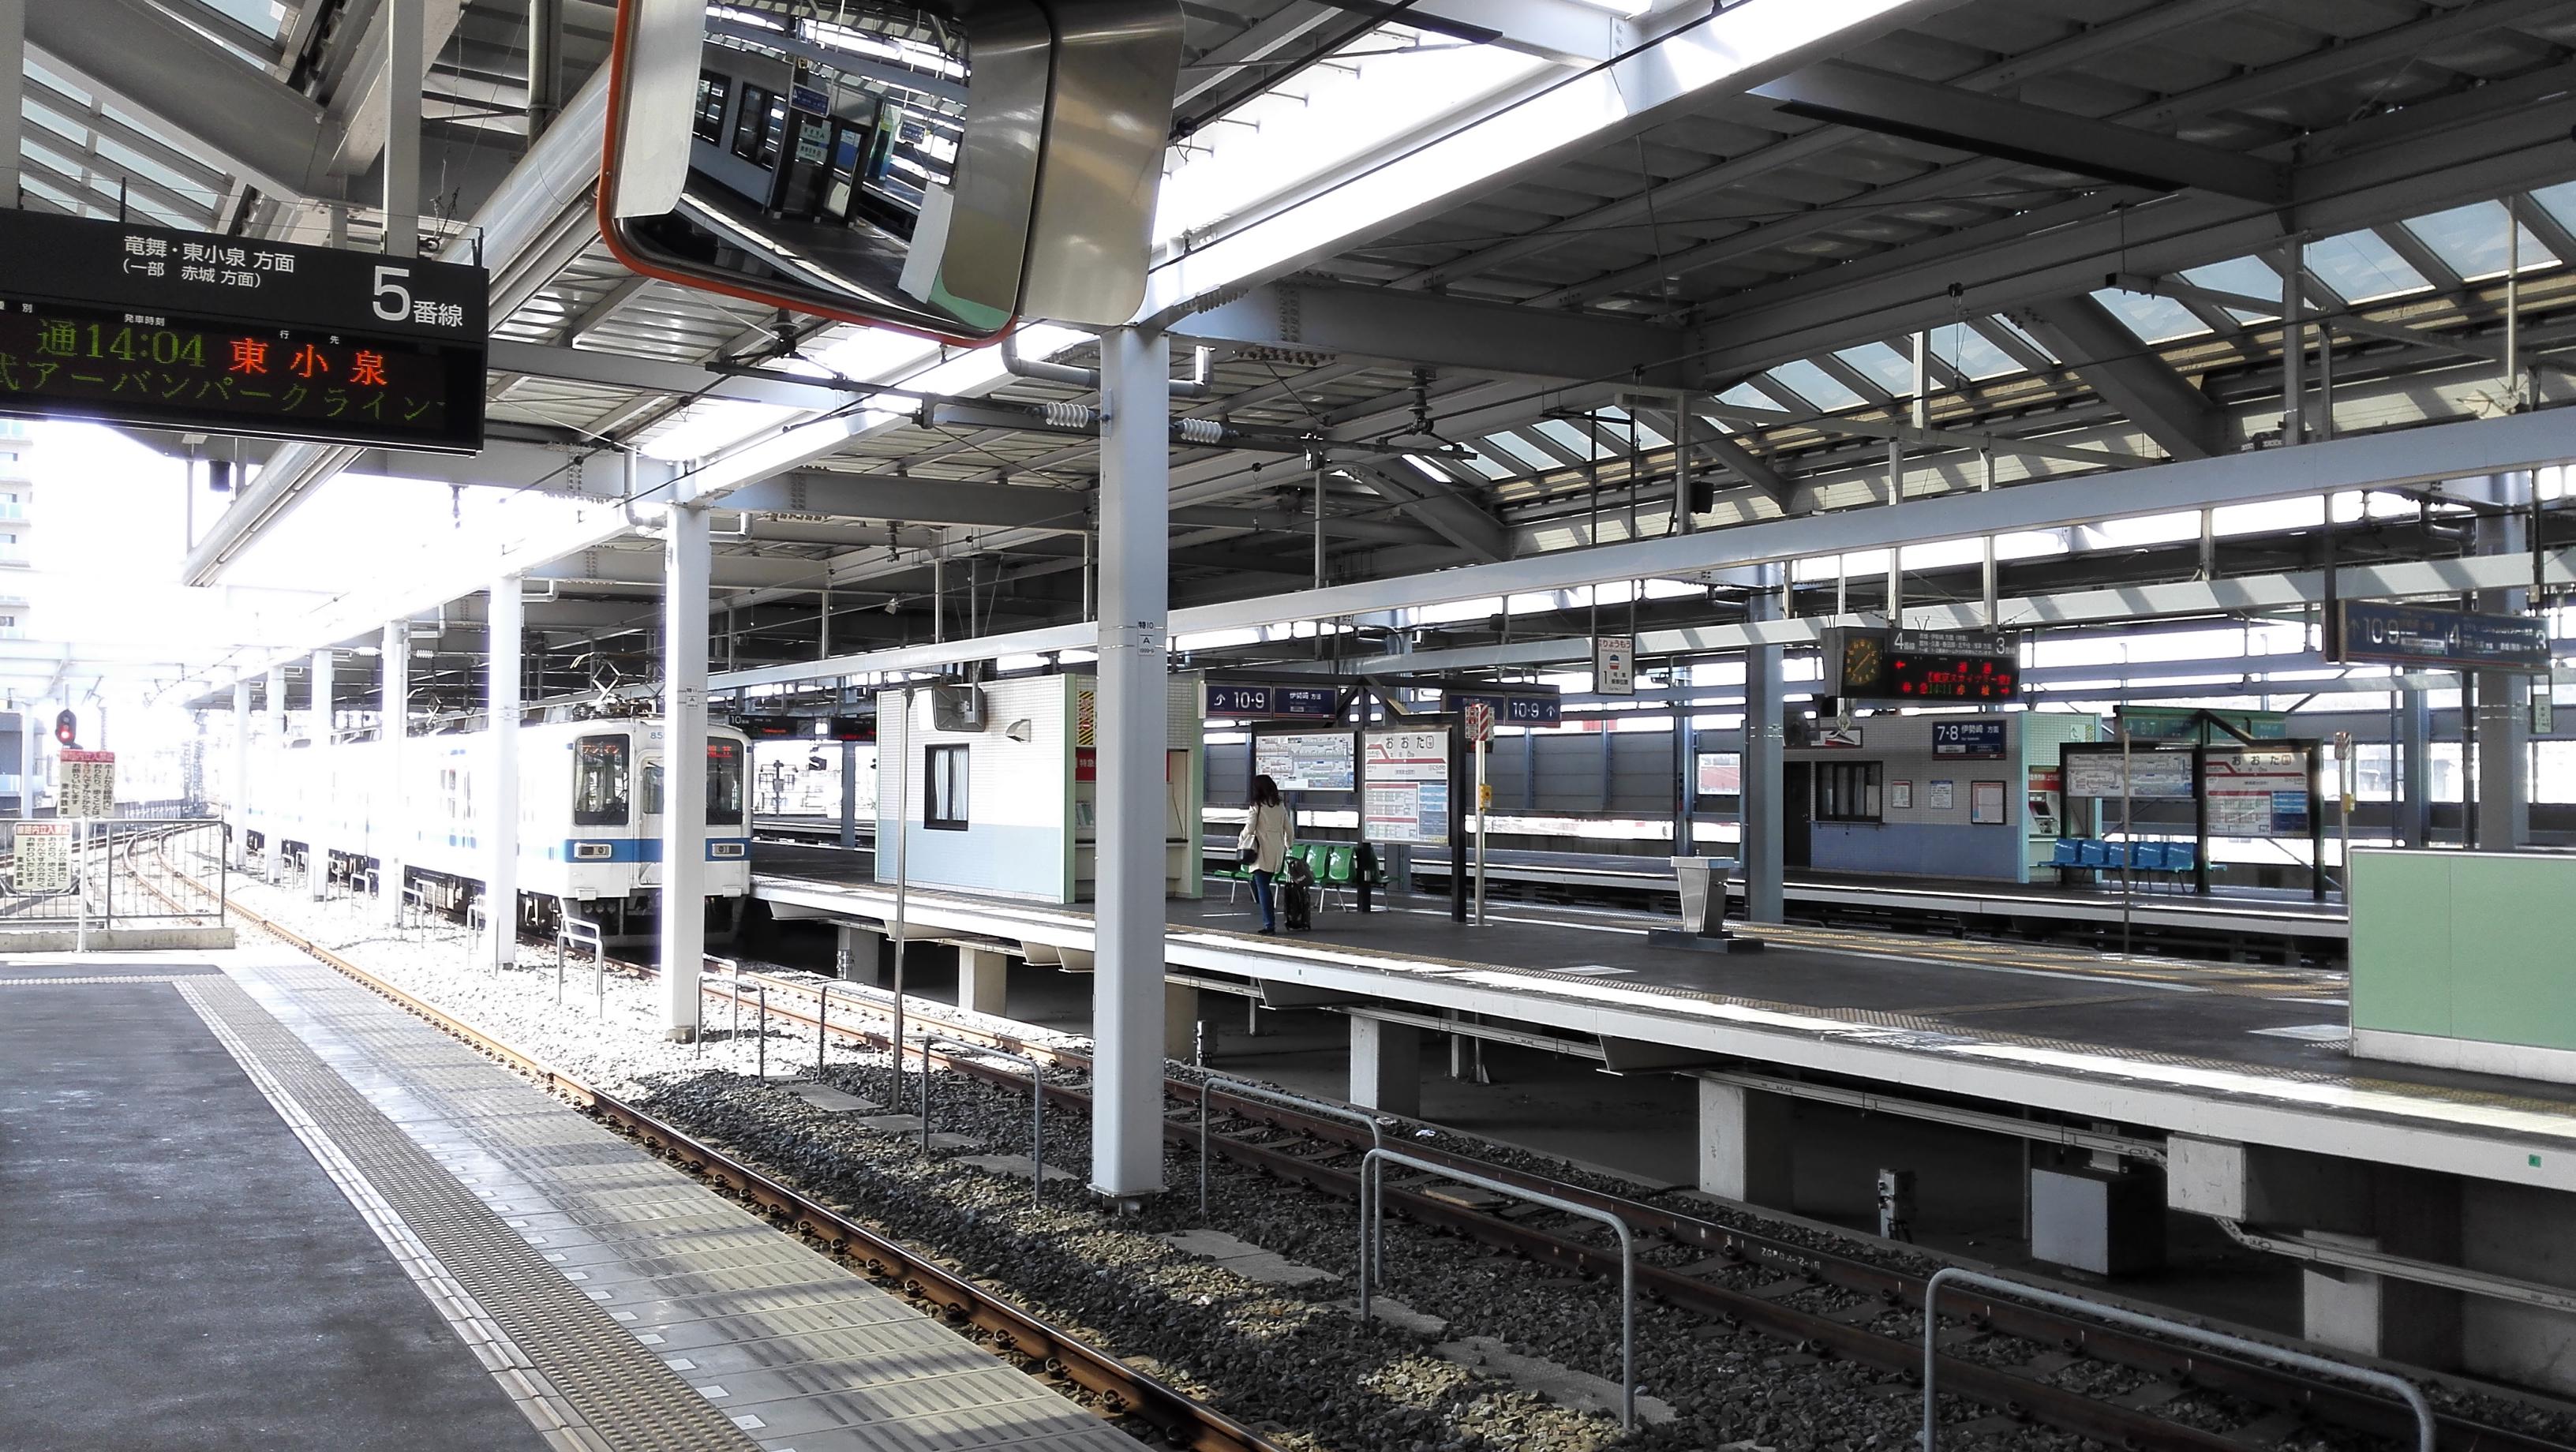 太田駅から新宿駅まで1300円位かな